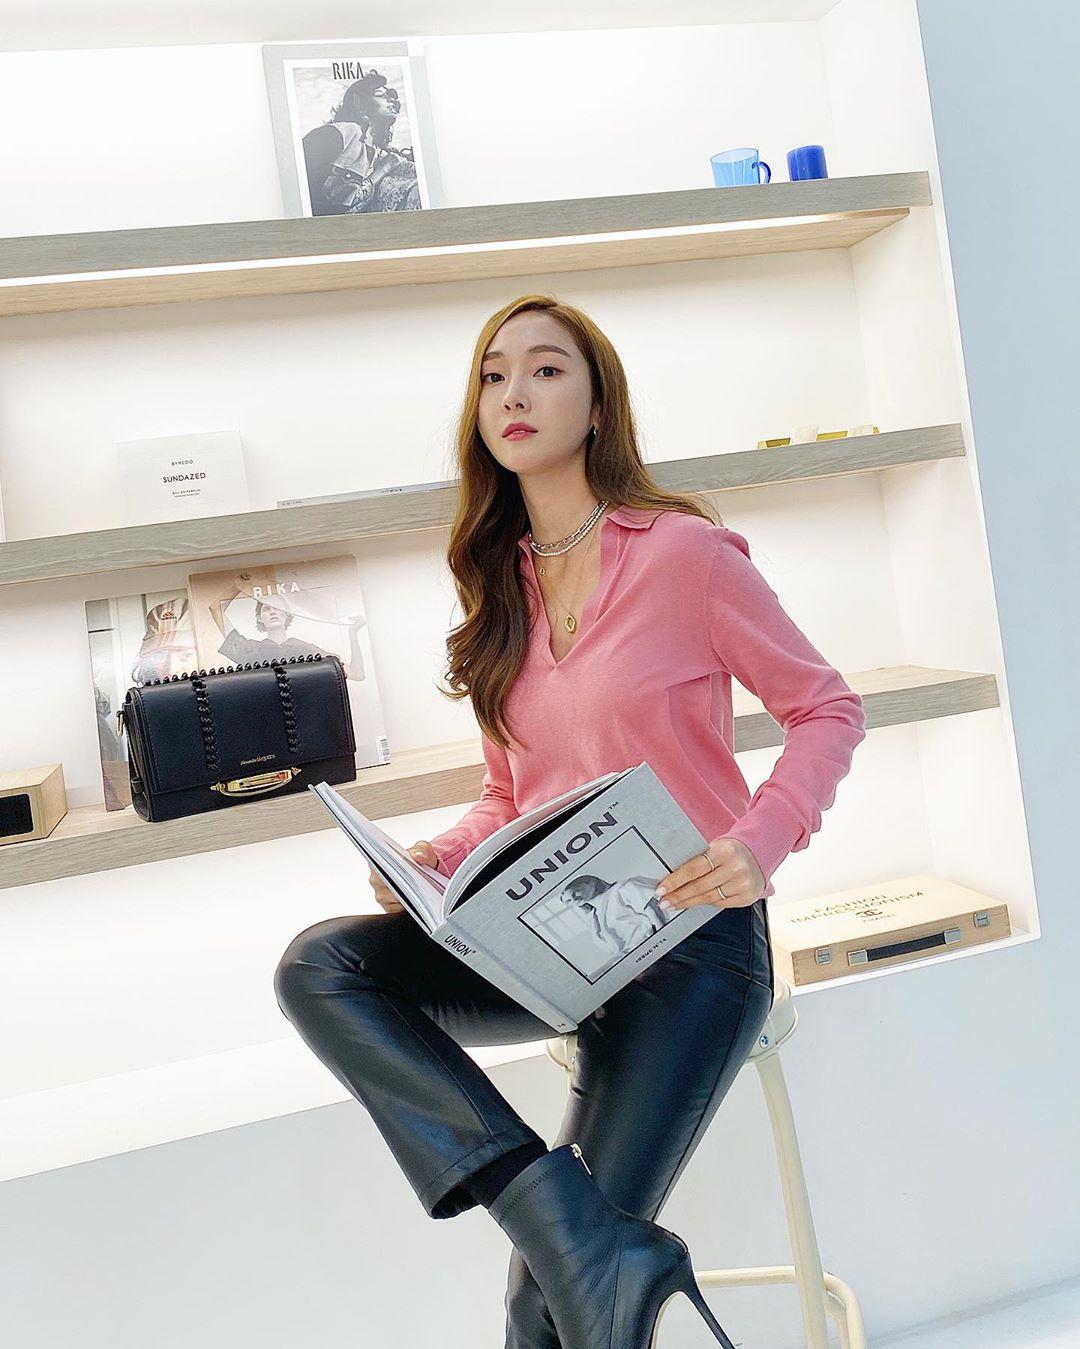 jessica jung mặc áo sơmi hồng quần da đen giày cao gót da cách mặc đẹp thời trang Pháp